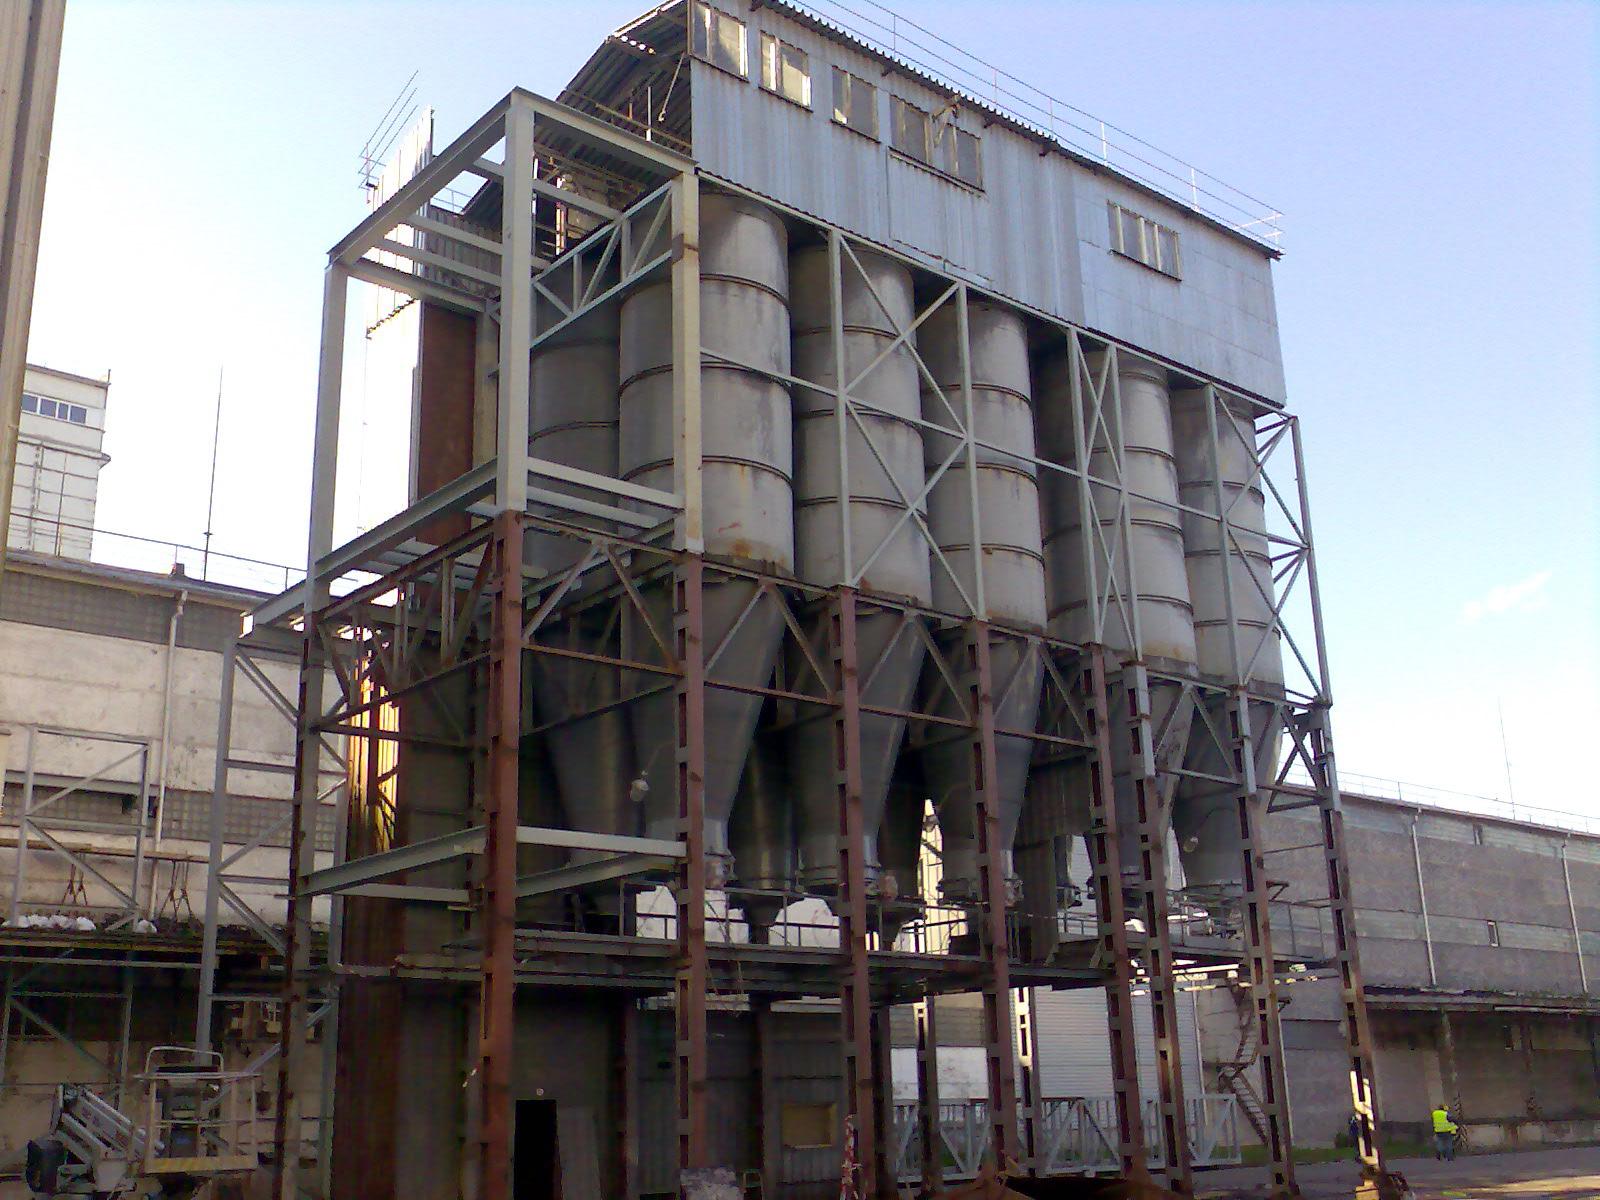 Flour silos renovation Rīgas dzirnavnieks